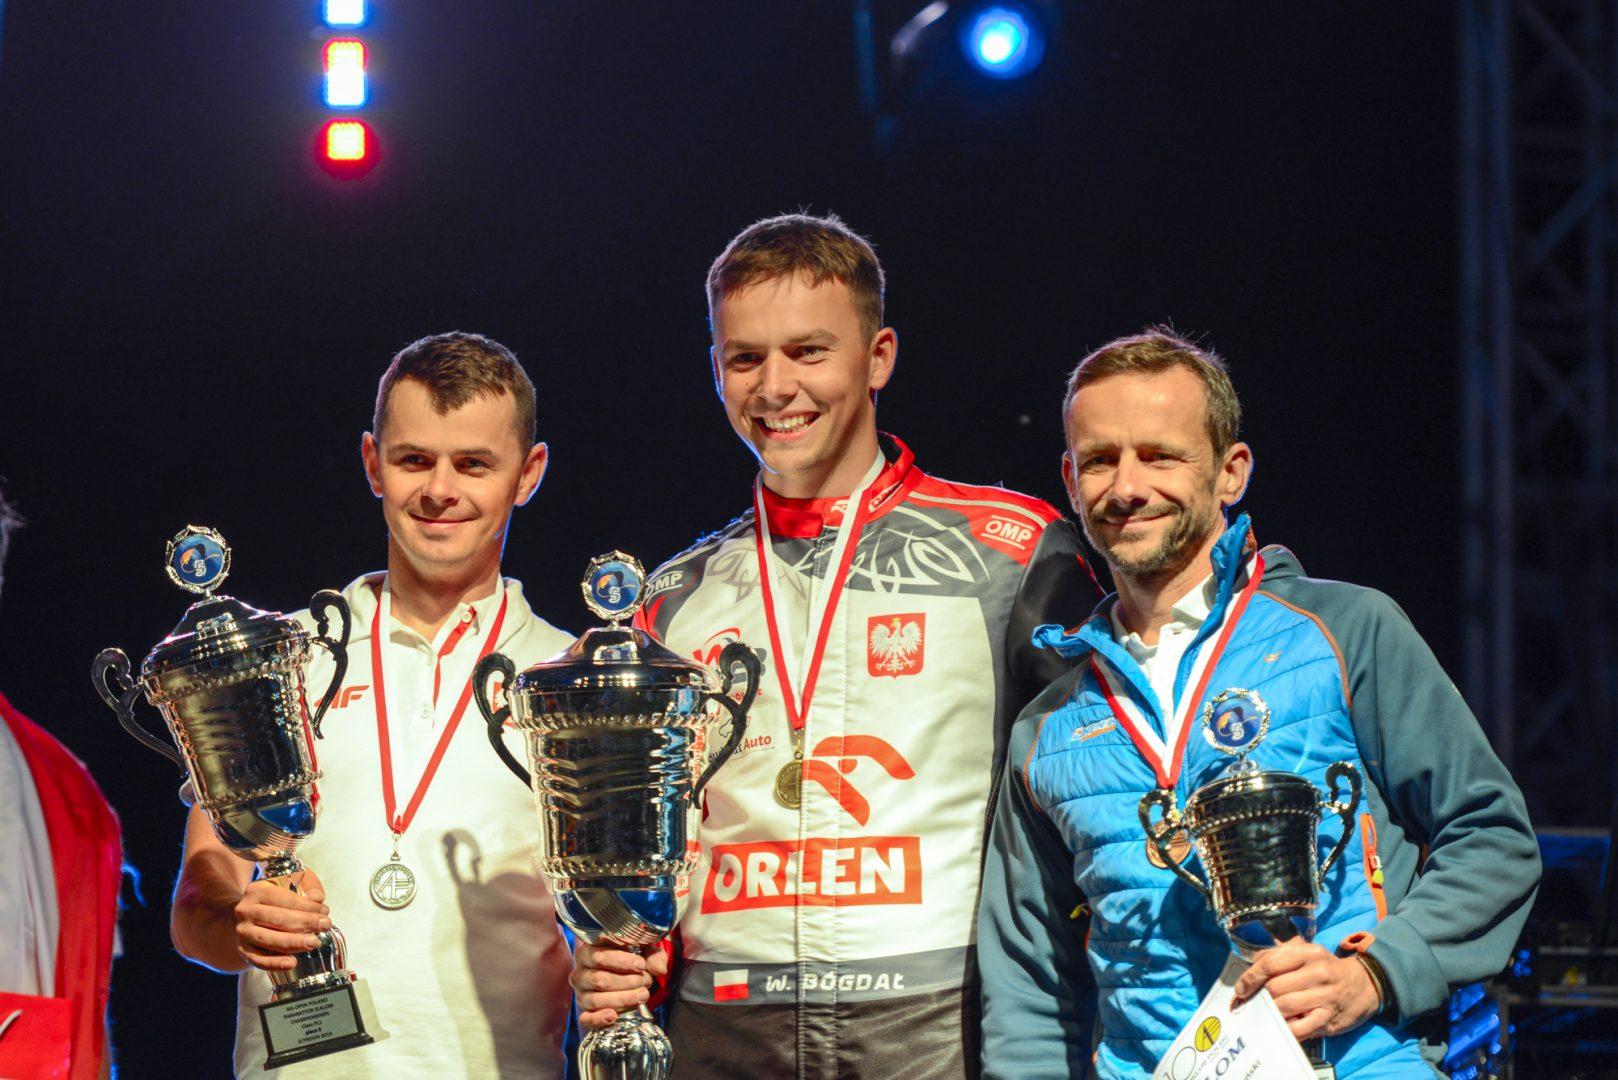 Wojtek Bógdał – Slalomowym Mistrzem Polski 2019